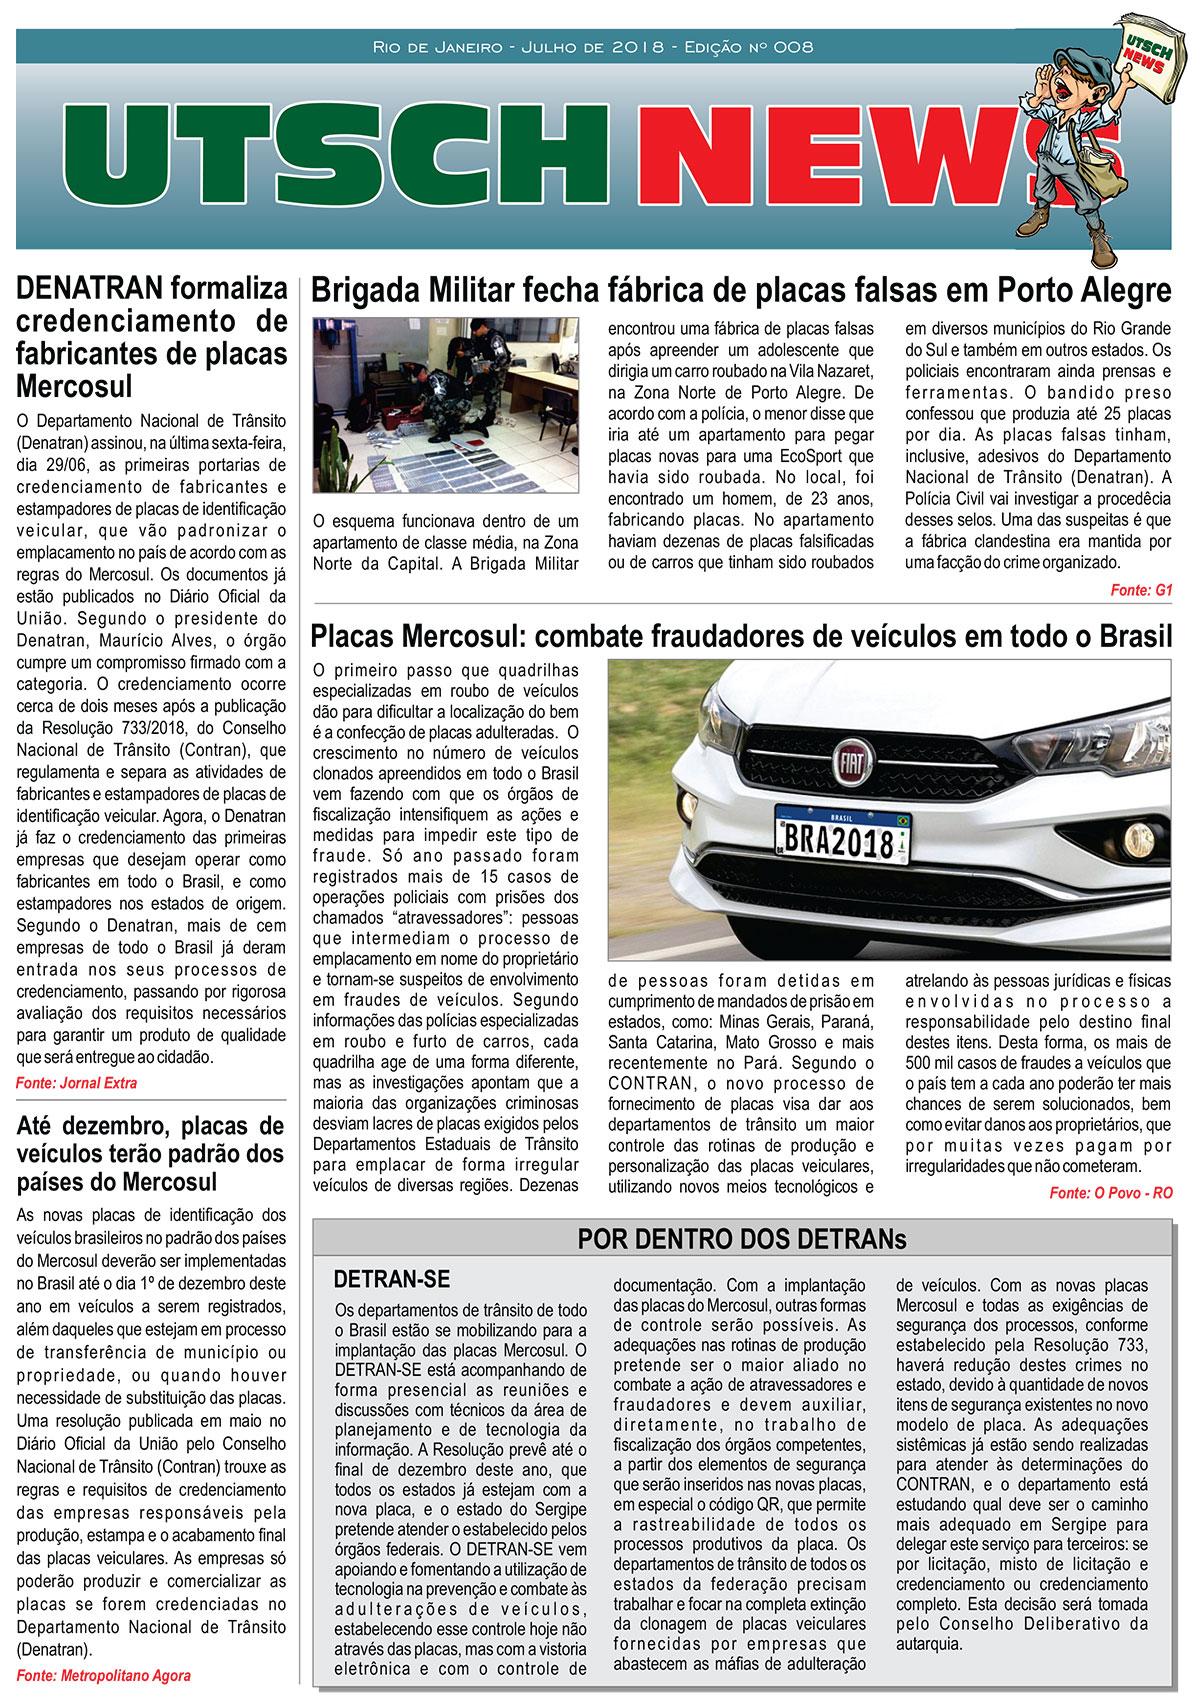 Jornal-UTSCH-BRASIL---edição-008